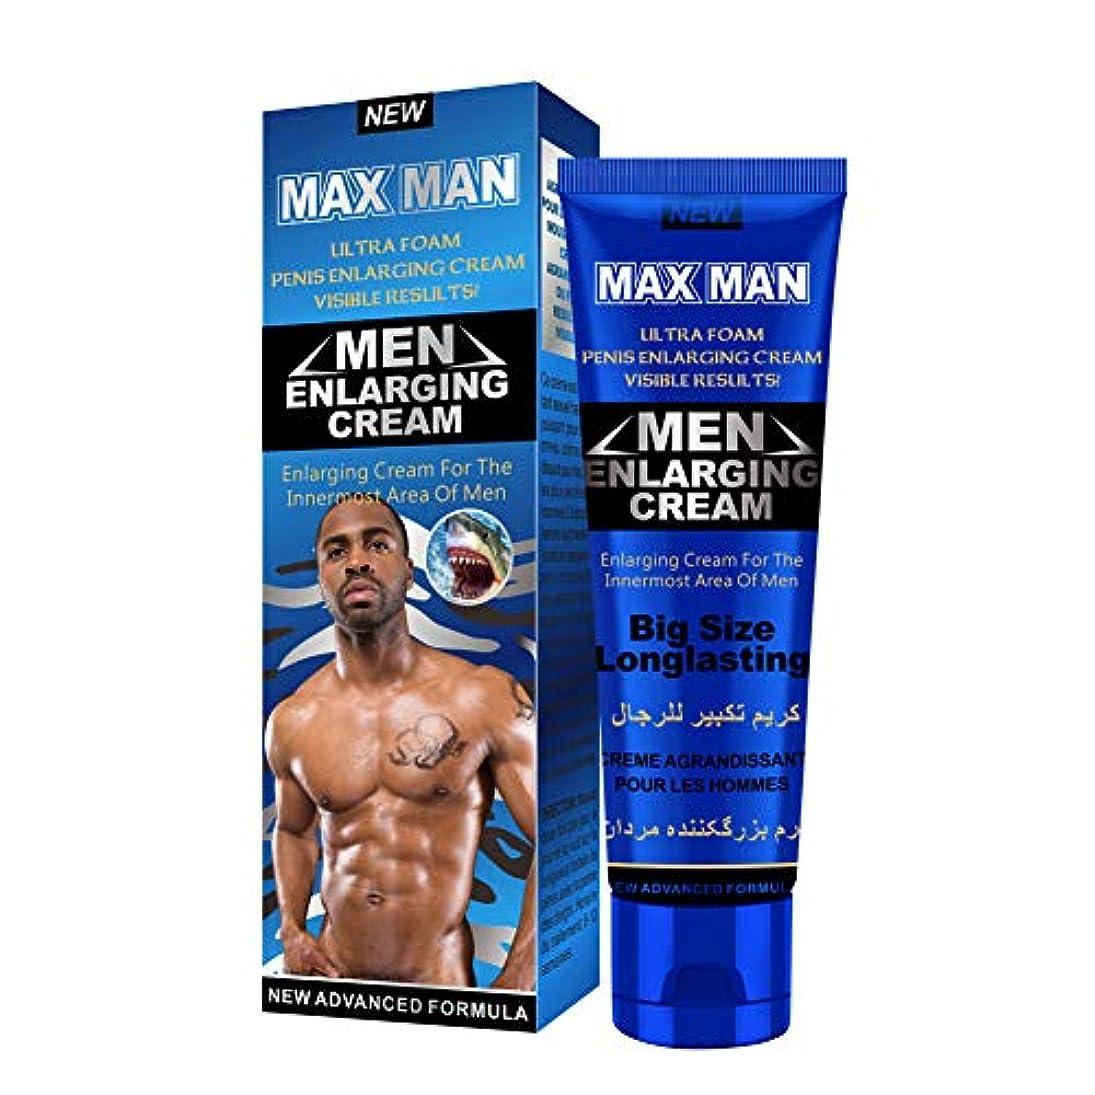 コック流行しているはっきりしないBalai 男性のマッサージのクリーム 性生活の陰茎の持続的な強化のクリーム